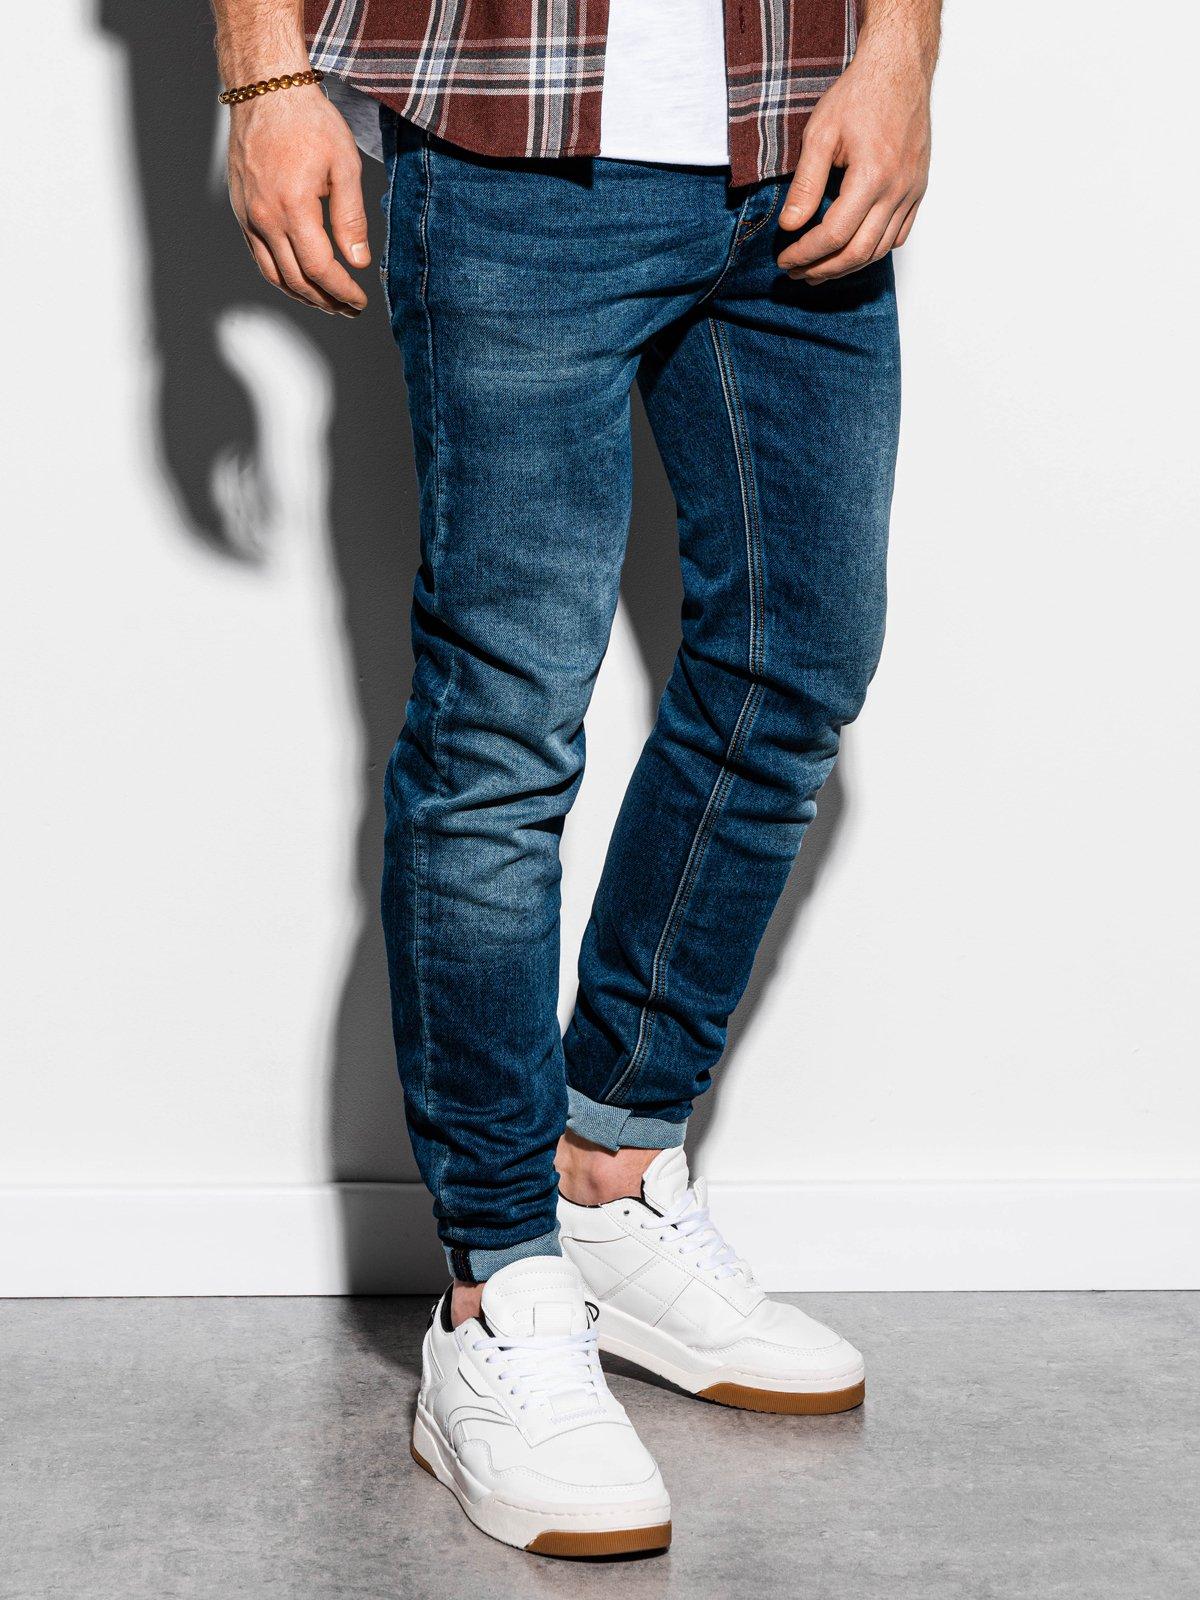 Spodnie męskie jeansowe P864 - ciemny jeans